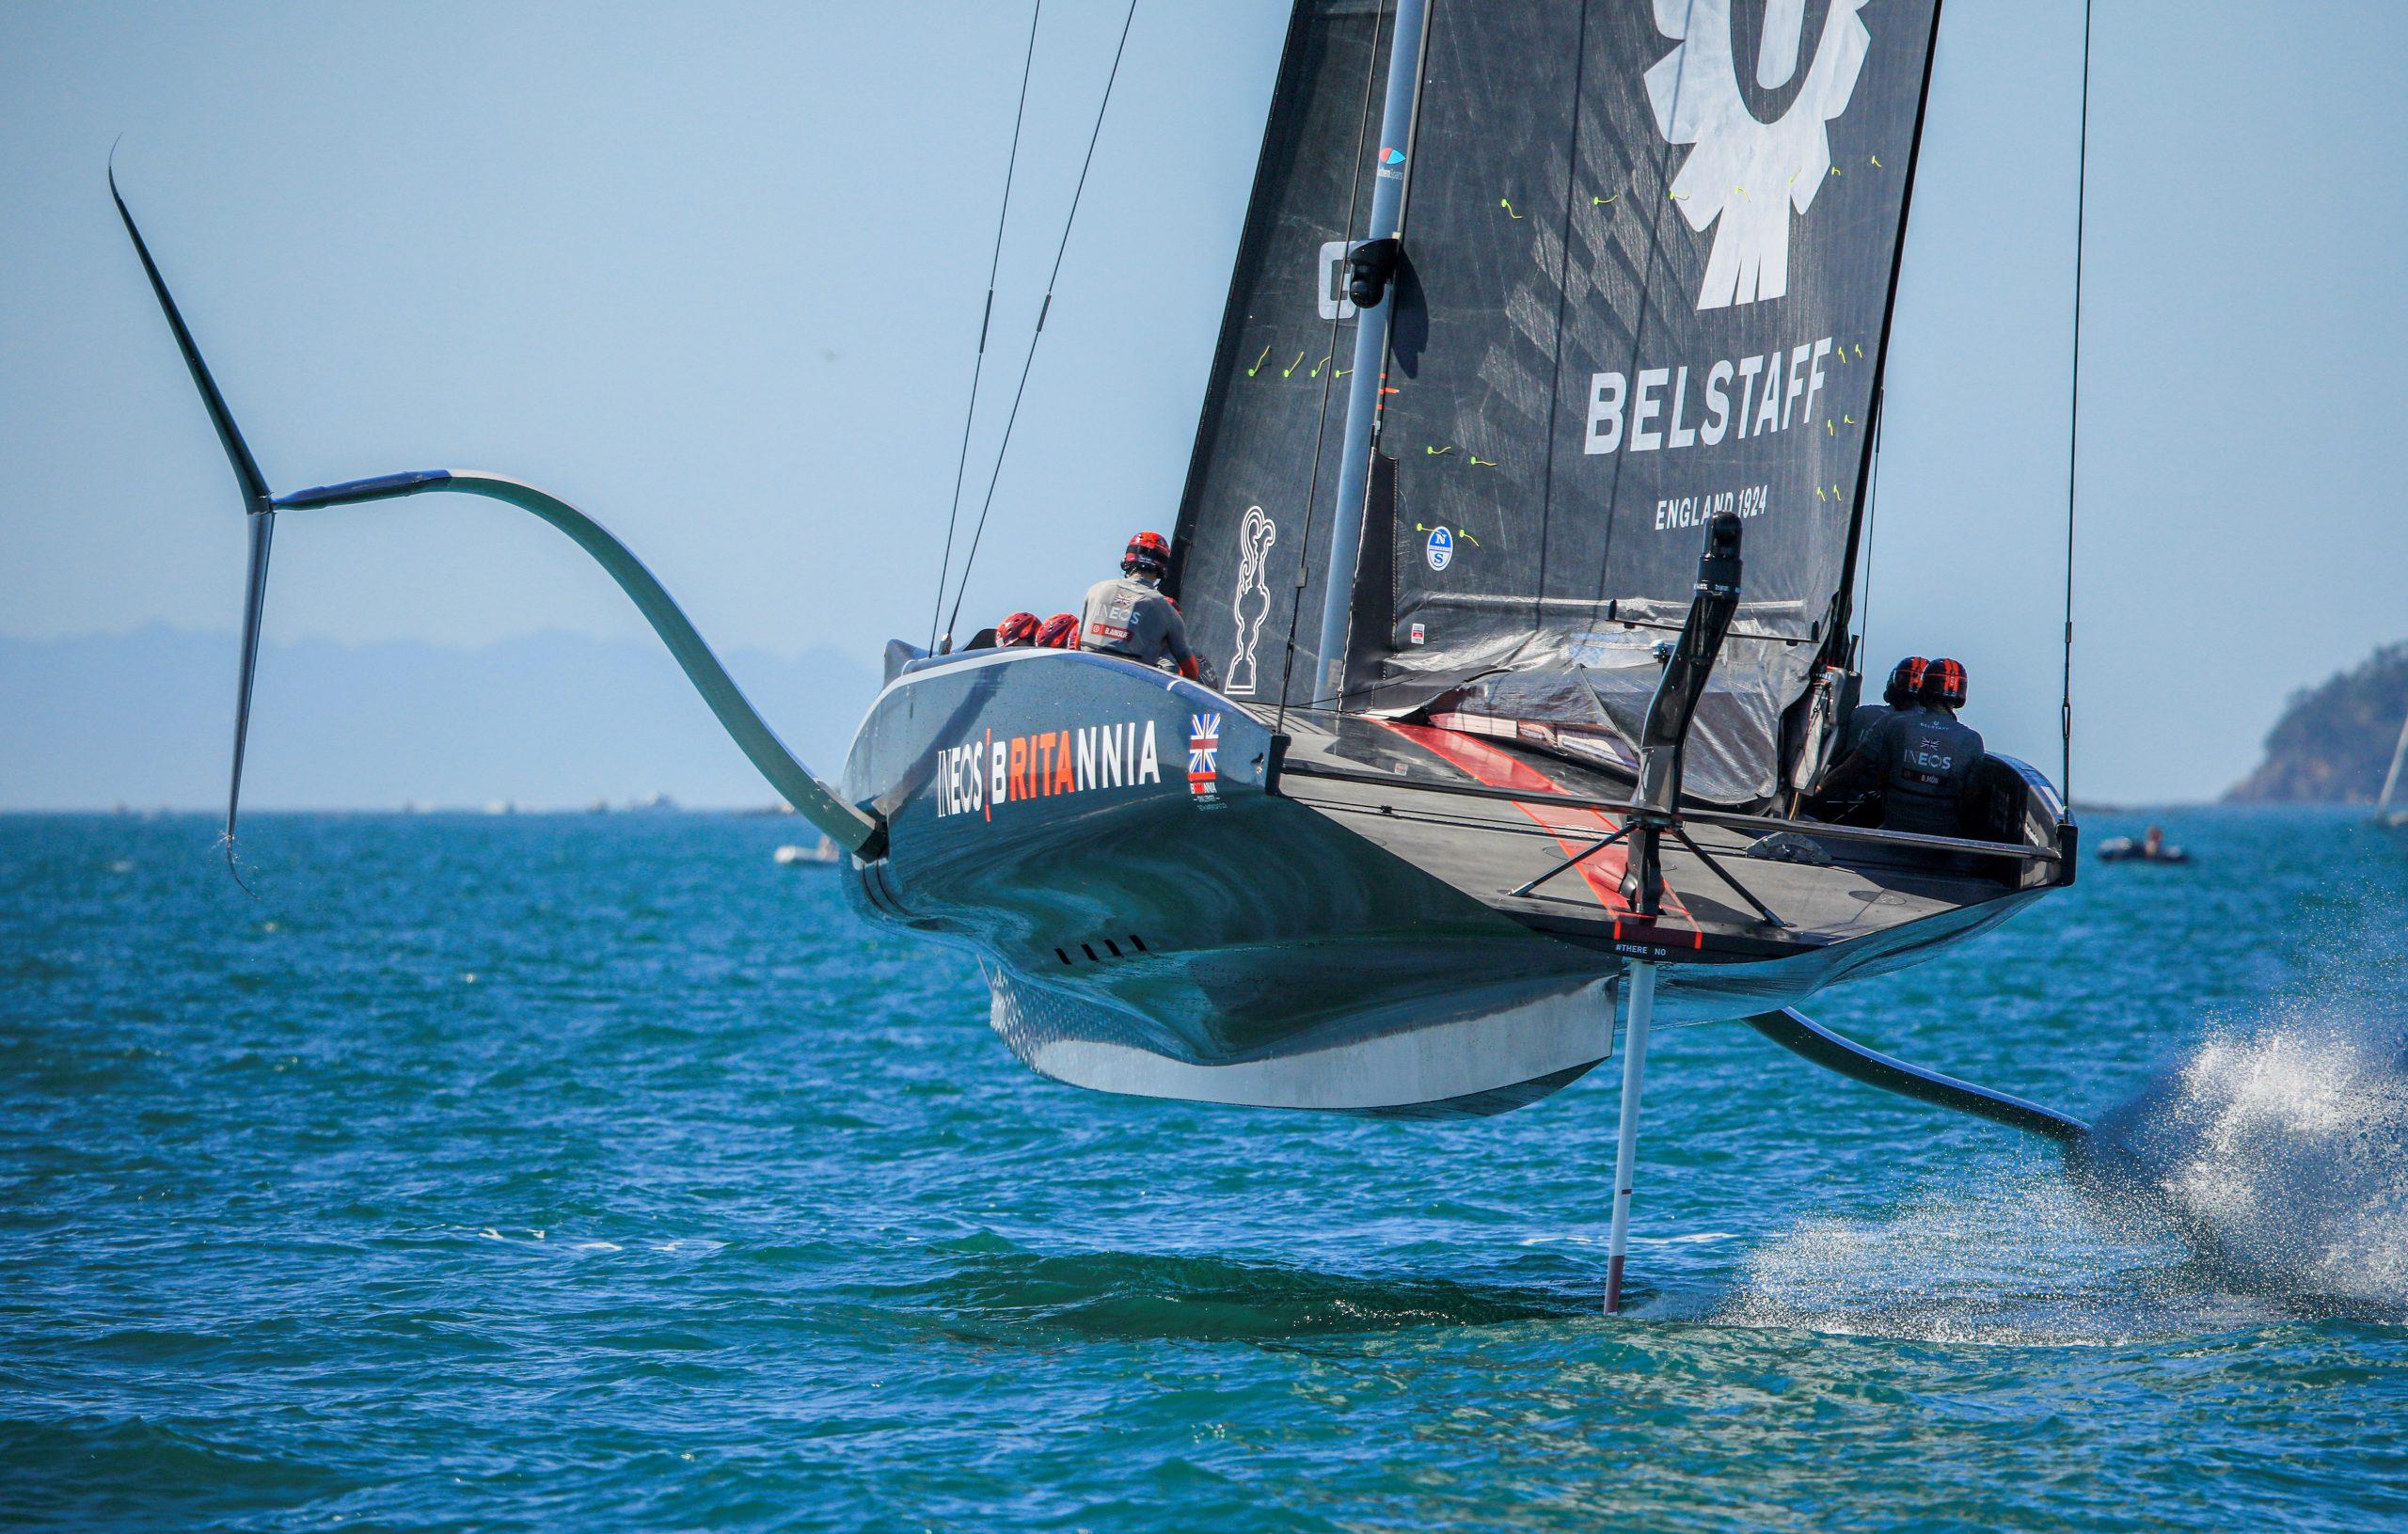 INEOS foiling into the lead - Carlo Borlenghi/COR36 pic